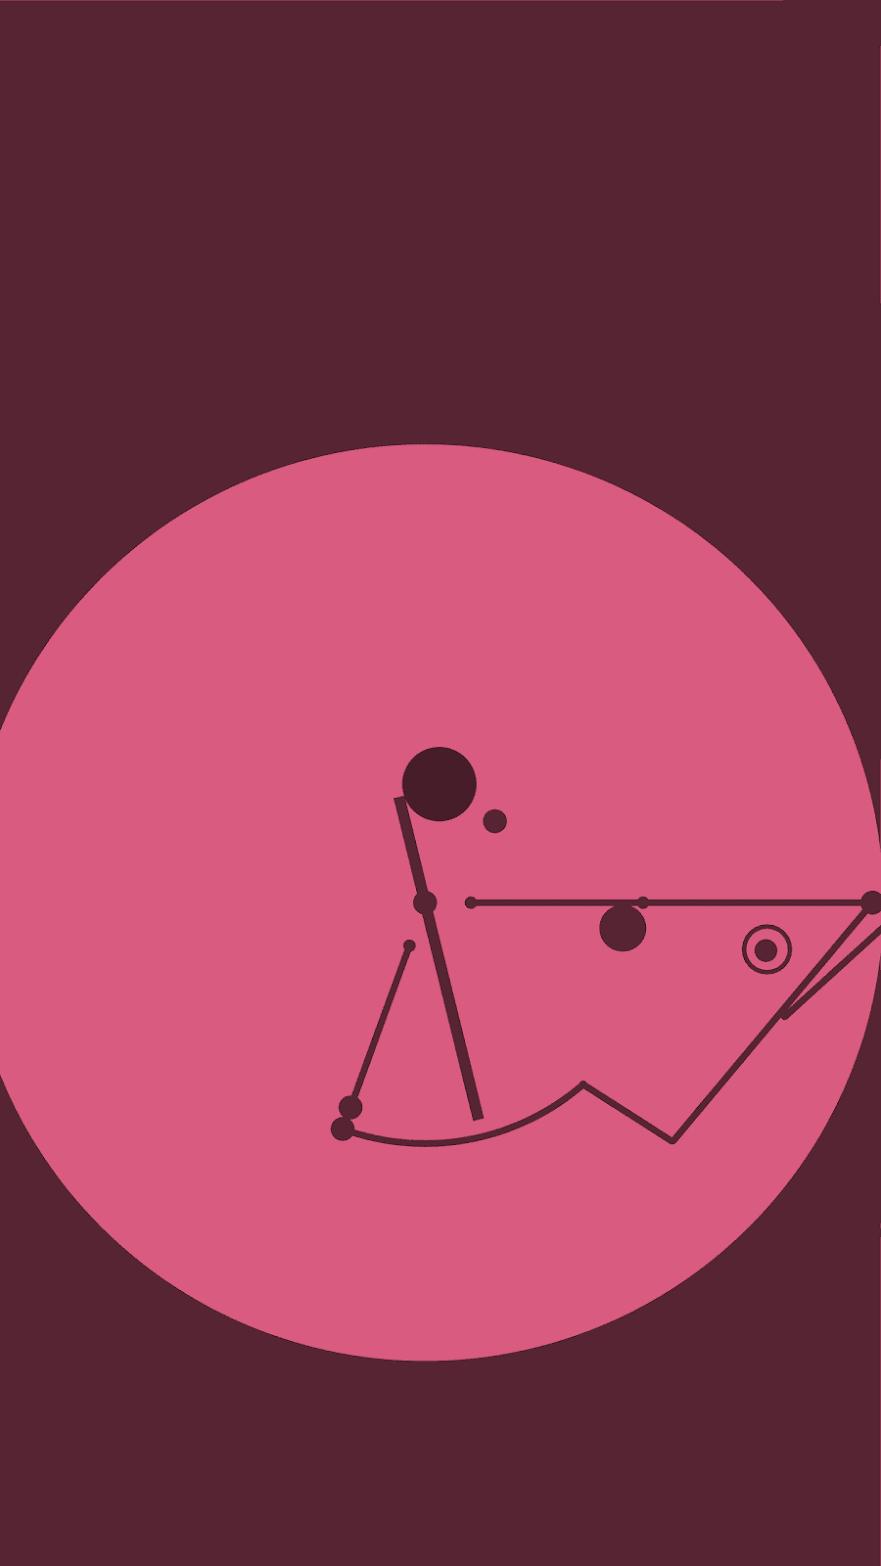 圆圈完成:物理益智游戏截图